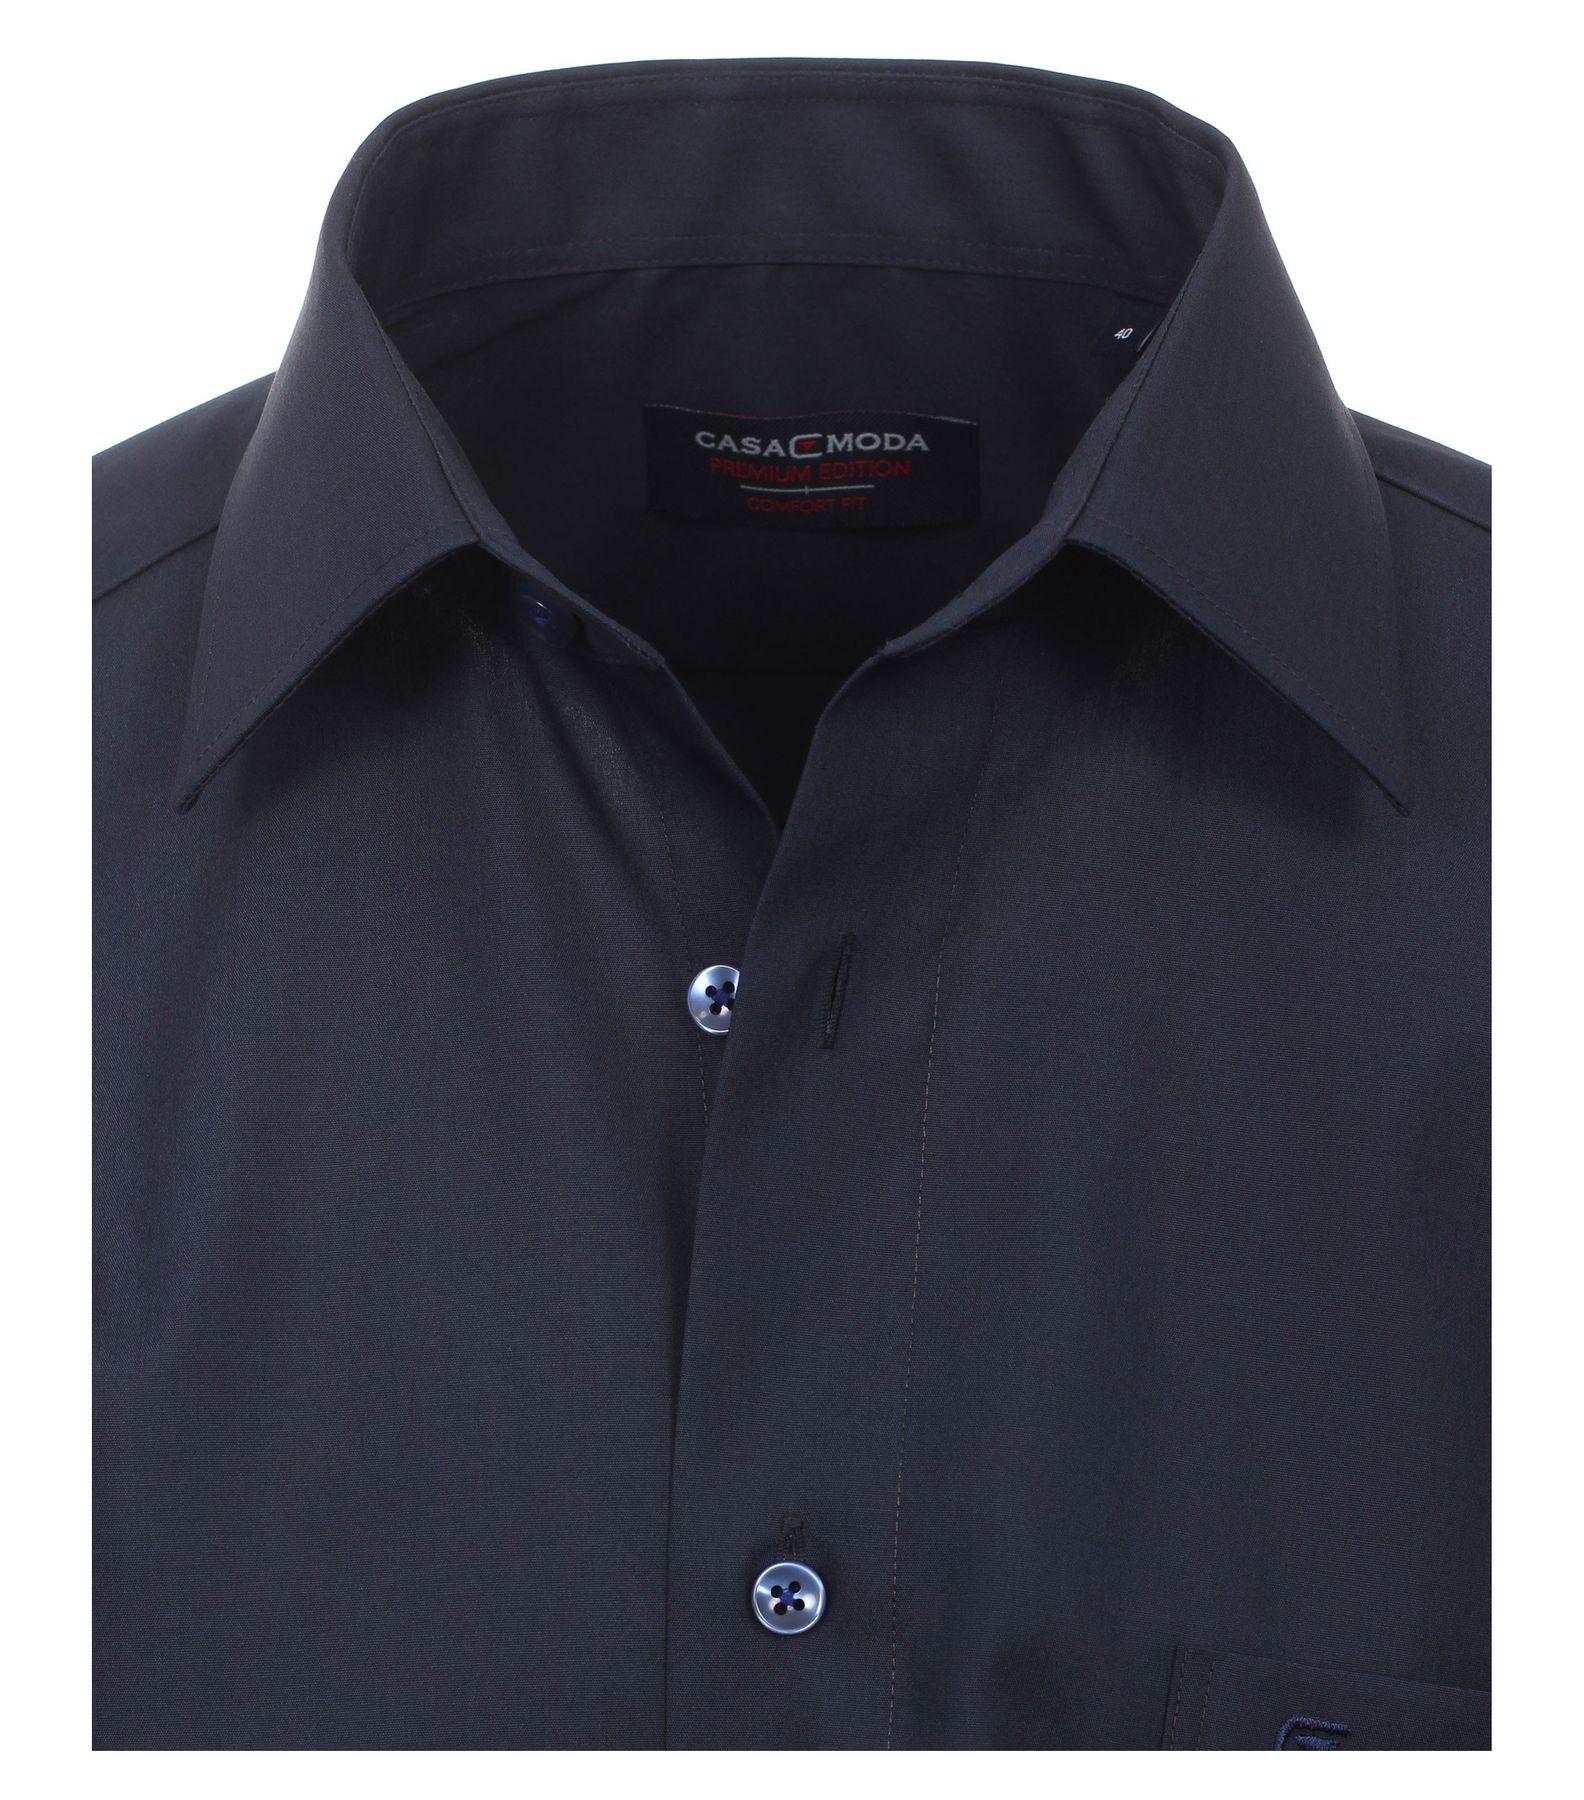 Casa Moda - Comfort Fit - Bügelfreies Herren Business langarm Hemd verschiedene Farben (006050) – Bild 4